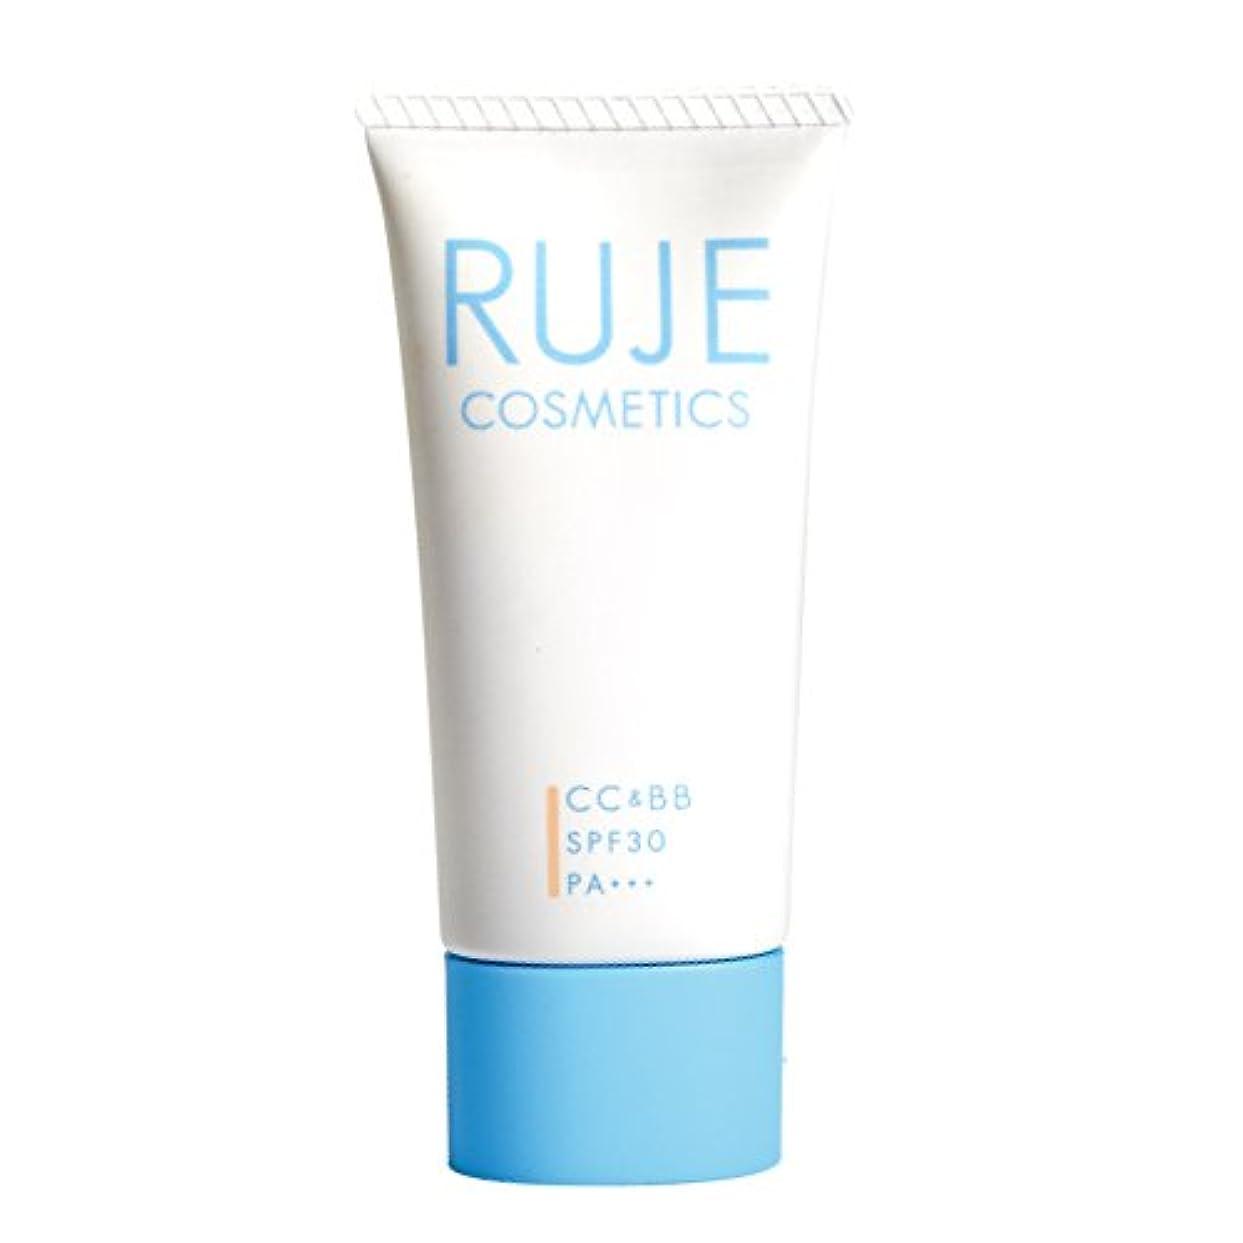 振りかける時代現象RUJE ルジェ CC&BBジェルクリームモイスト ライトカラー 30g